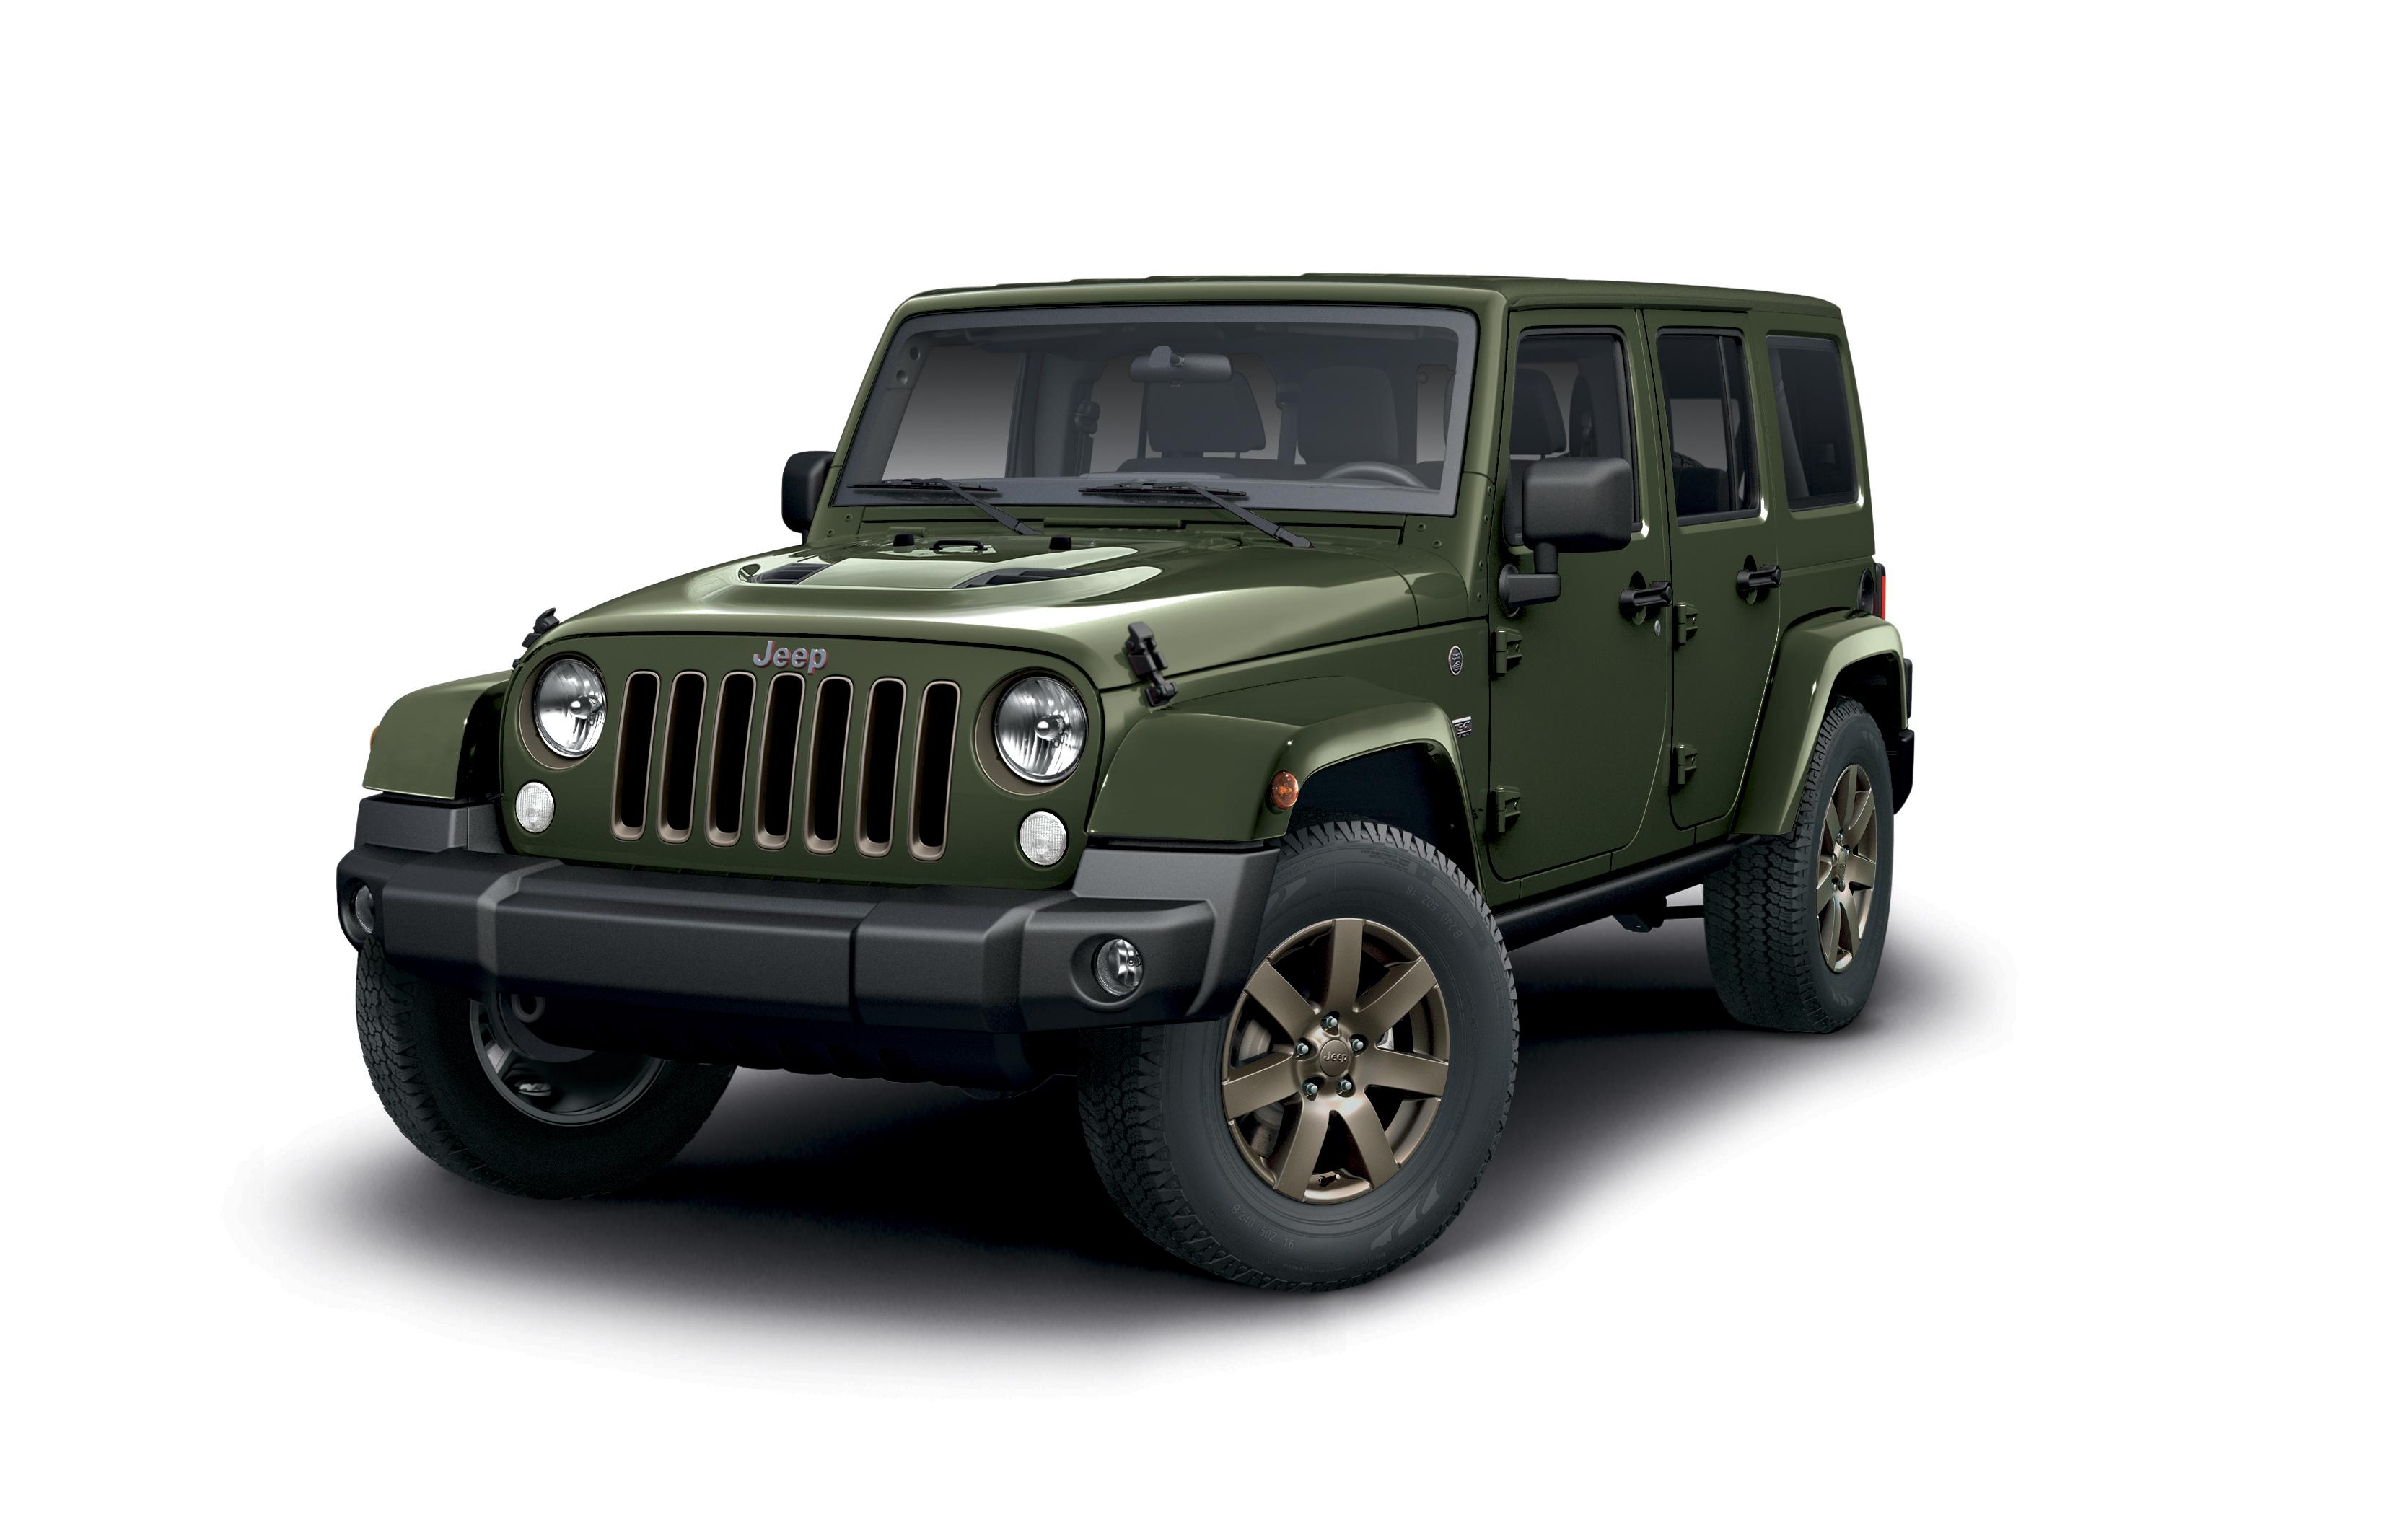 Jeep Wrangler static